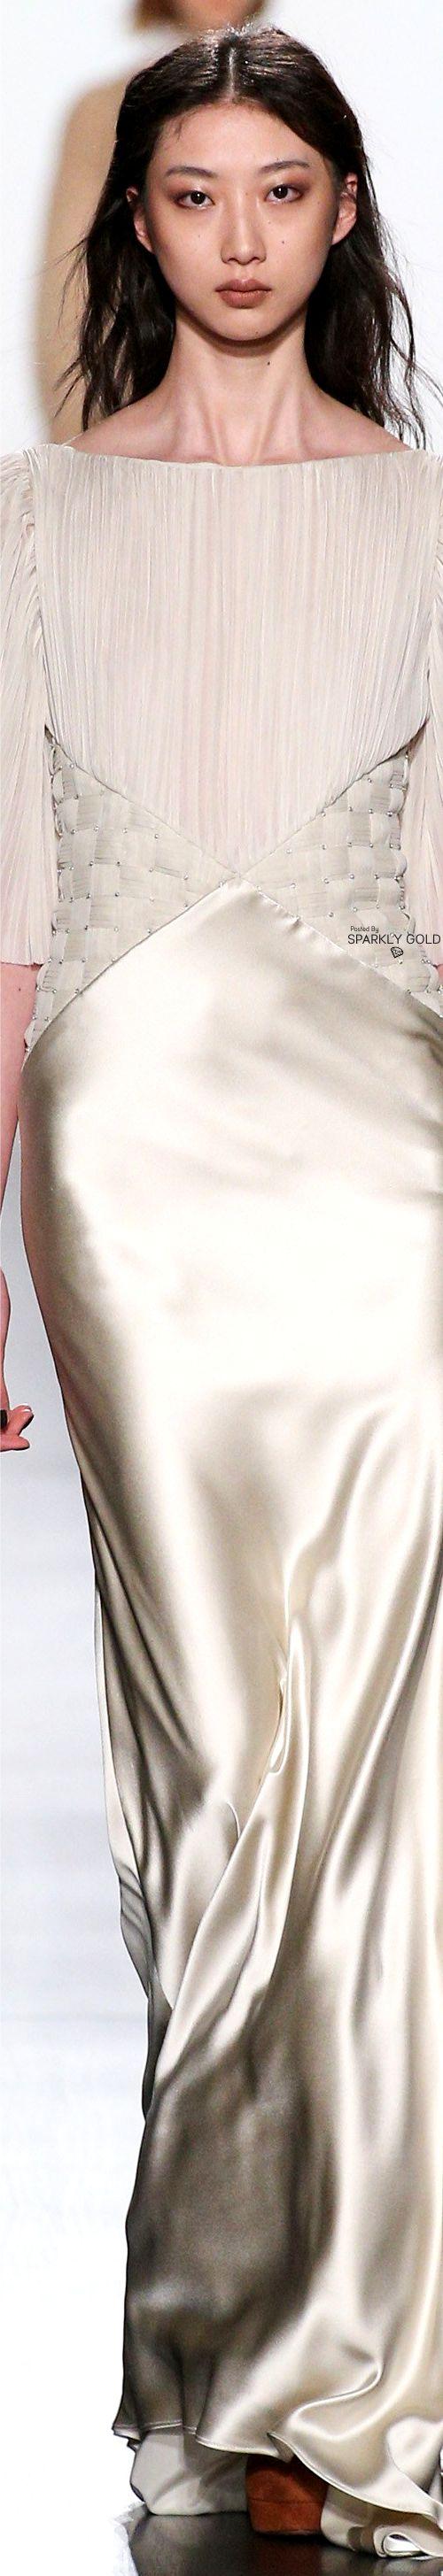 Dennis basso fall rtw fashion dennis basso pinterest